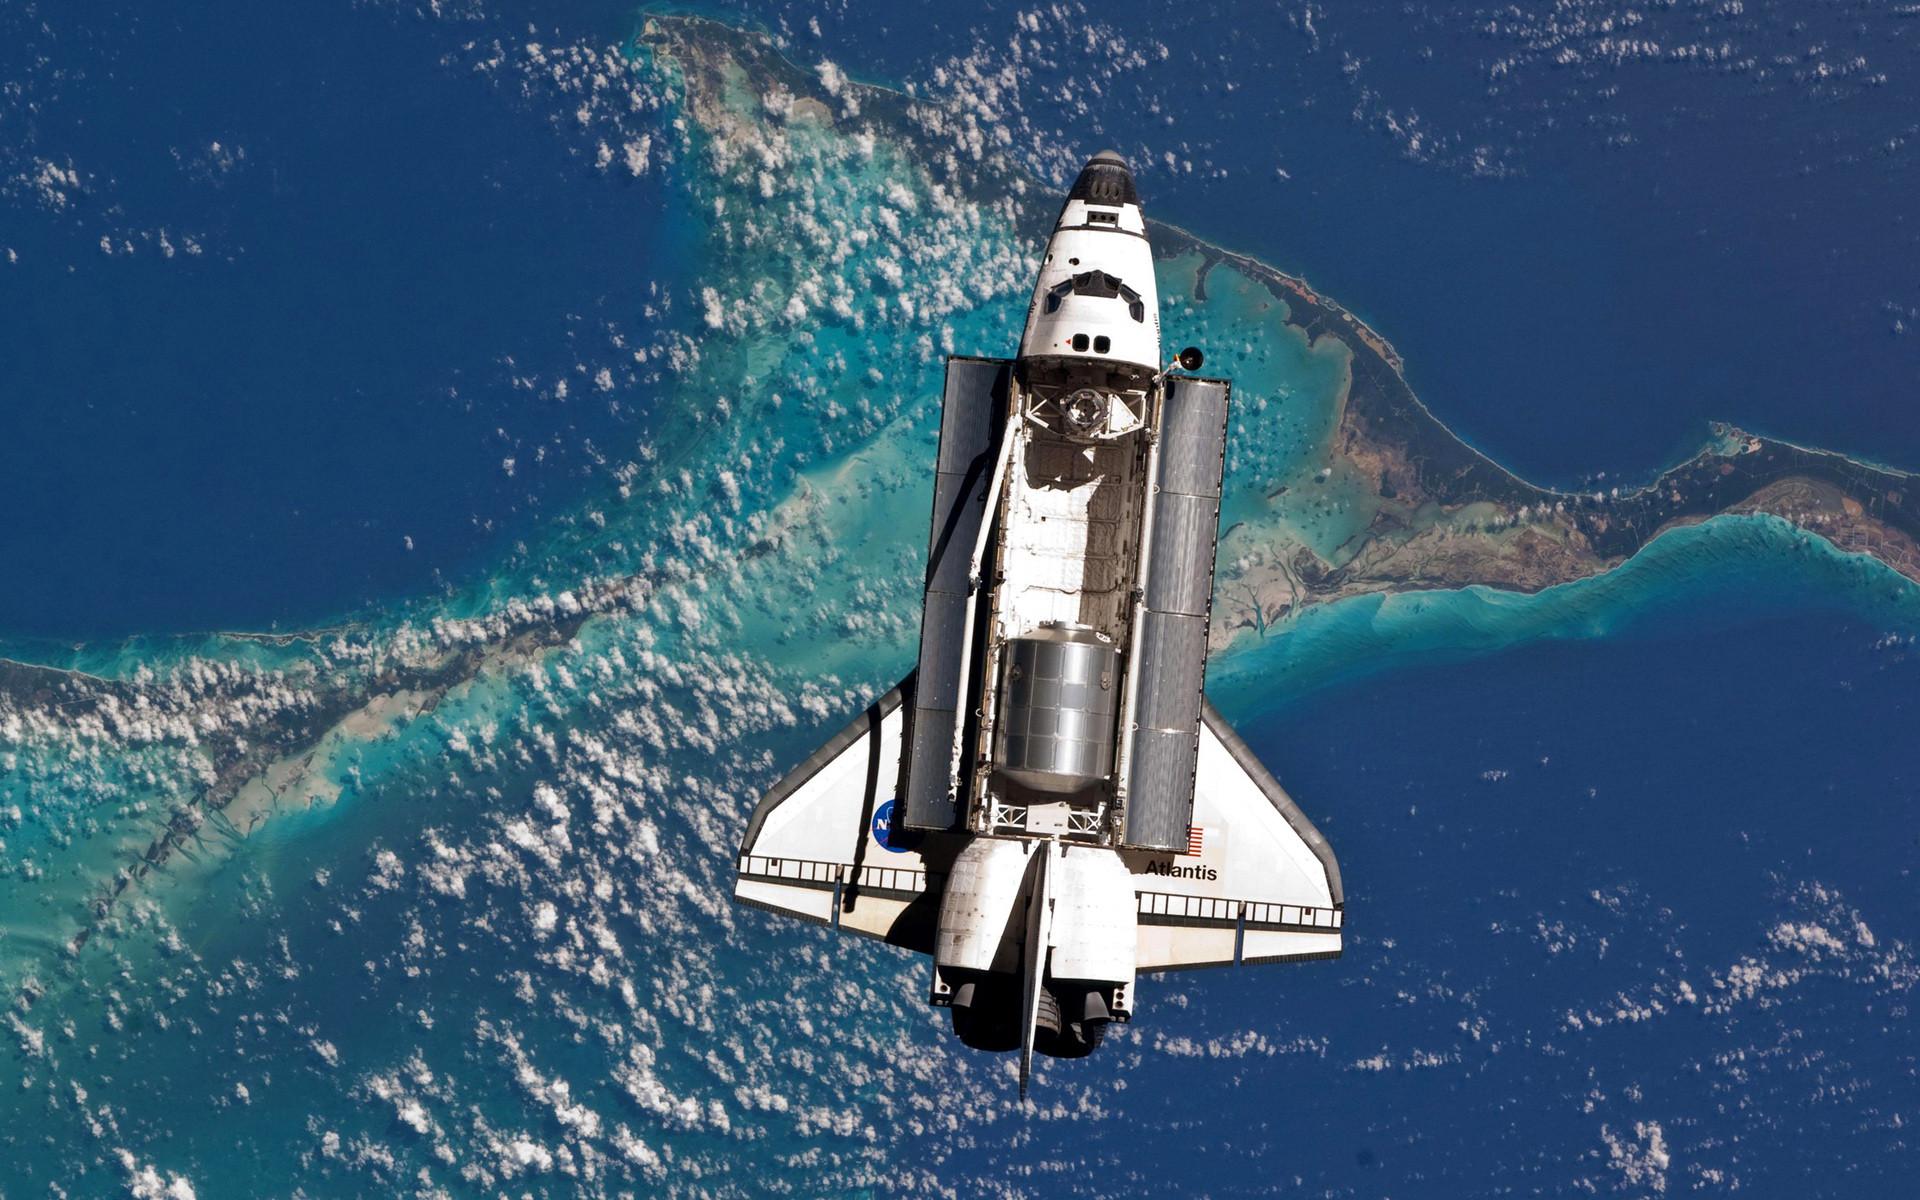 Atlantis Space Shuttle Orbit HD Wallpapers